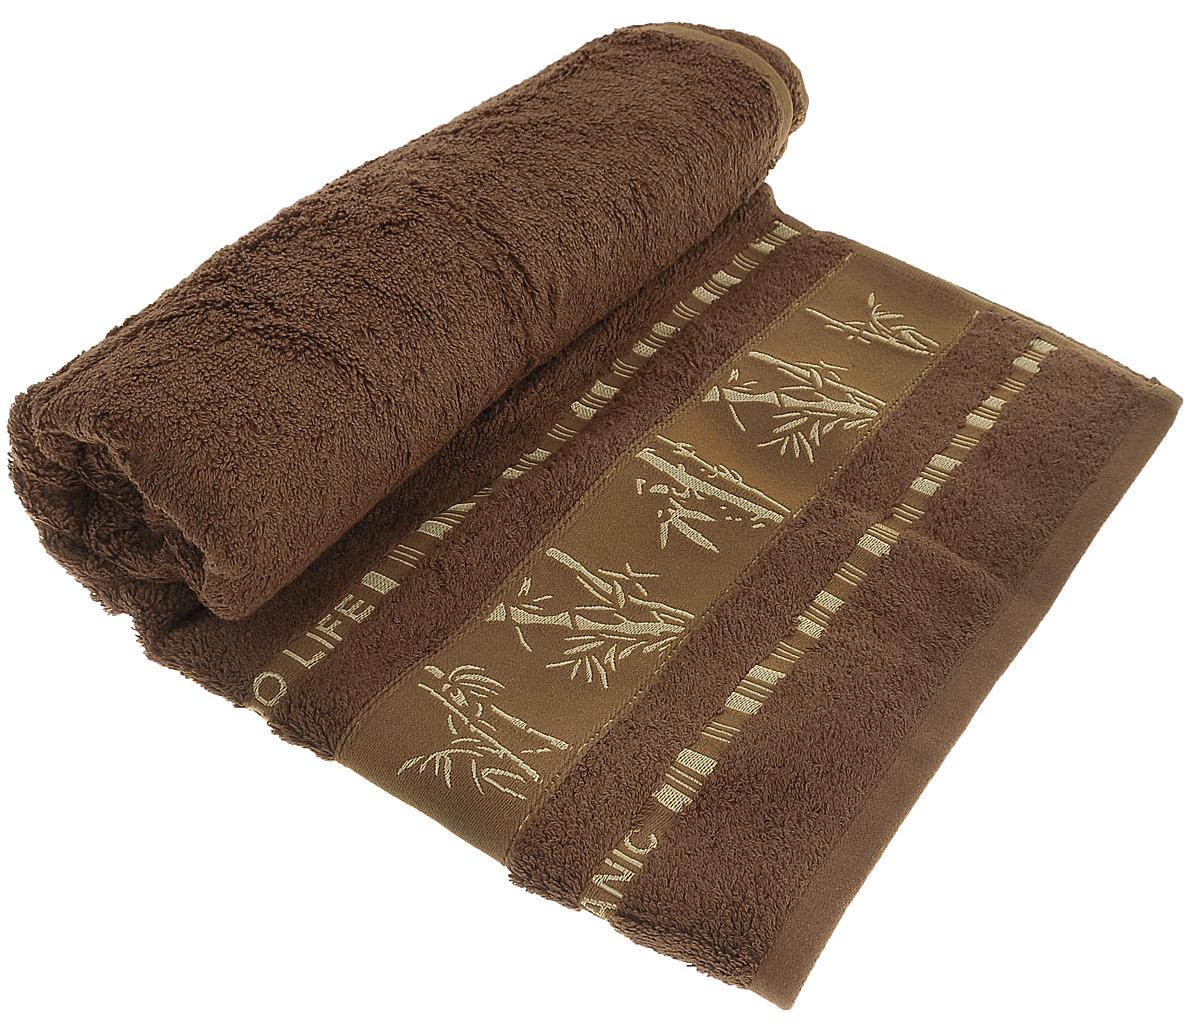 Полотенце Mariposa Bamboo, цвет: коричневый, 70 х 140 см62348Полотенце Mariposa Bamboo, изготовленное из 60% бамбука и 40% хлопка, подарит массу положительных эмоций и приятных ощущений. Полотенца из бамбука только издали похожи на обычные. На самом деле, при первом же прикосновении вы ощутите невероятную мягкость и шелковистость. Таким полотенцем не нужно вытираться - только коснитесь кожи - и ткань сама все впитает! Несмотря на богатую плотность и высокую петлю полотенца, оно быстро сохнет, остается легким даже при намокании. Полотенце оформлено изображением бамбука. Благородный тон создает уют и подчеркивает лучшие качества махровой ткани. Полотенце Mariposa Bamboo станет достойным выбором для вас и приятным подарком для ваших близких.